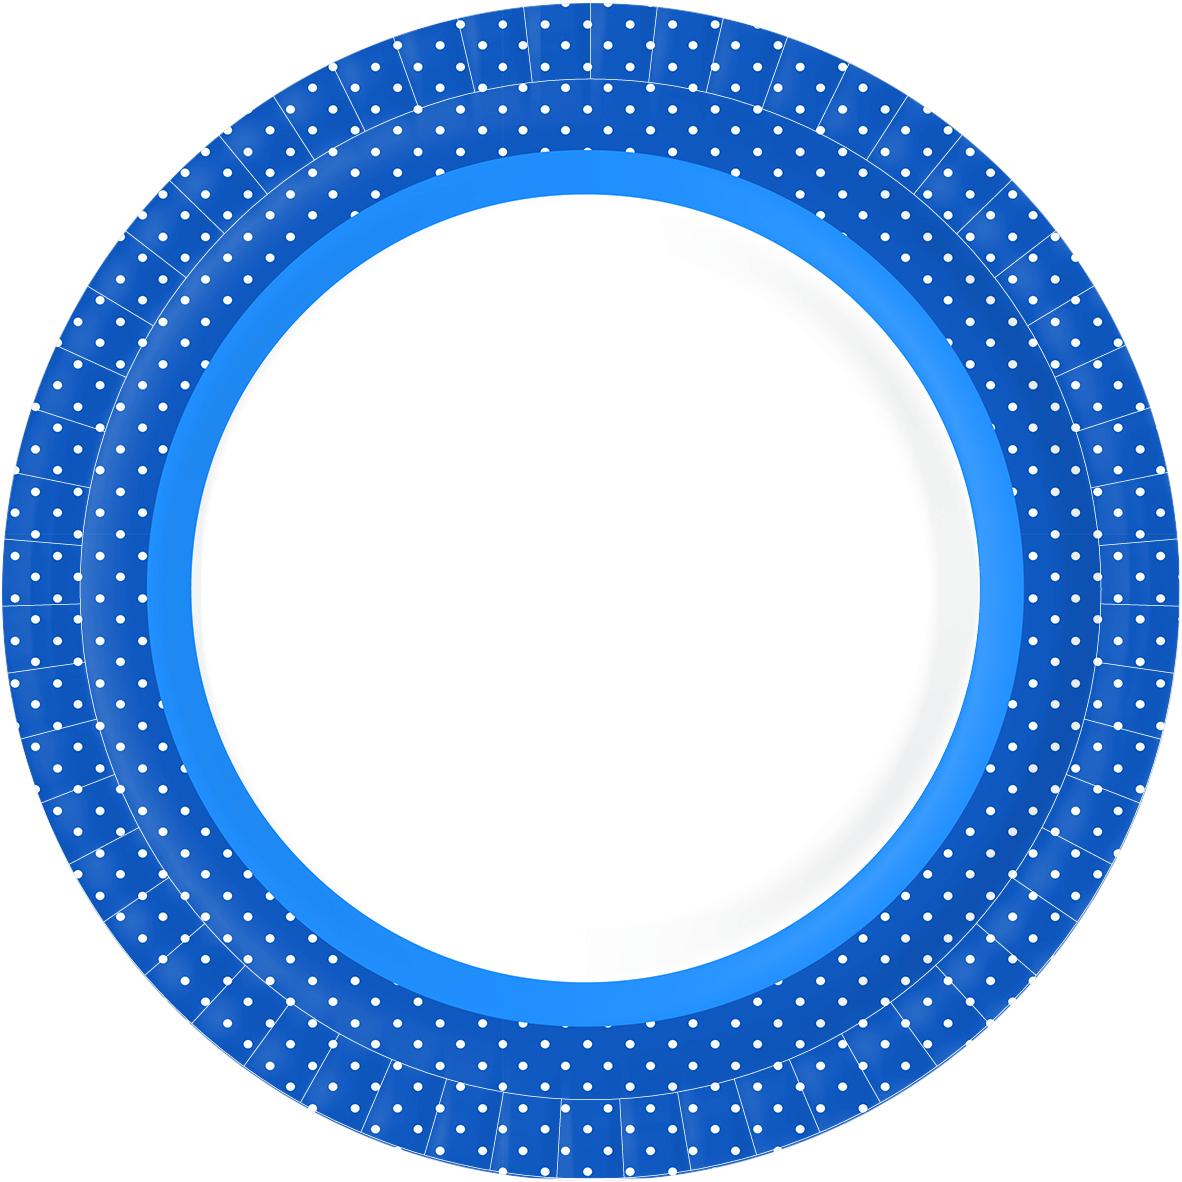 Набор тарелок Duni Bbq Blue Line, бумажные, 22 см , 10 шт173715Еда - одна из важнейших частей нашей жизни. Еда объединяет разных людей. Впечатляющая сервировка стола вдохновит любое застолье и превратит его в запоминающийся момент - для всех чувств, не только вкуса. Duni не только простой производитель салфеток, скатертей, свечек, чашек, тарелок и ножей с вилками. Duni - создатель атмосферы, вдохновения и сюрпризов - все это основные части обеда, ужина, вечеринки или незабываемого пикника.Используя современные инновации, скандинавский дизайн и опыт накопленный столетиями, мы сделаем вашу трапезу незабываемым праздником. Тарелки изготовлены из плотной бумаги.В комплект входят 10 тарелок Bbq Blue Line.Диаметр: 22 см.